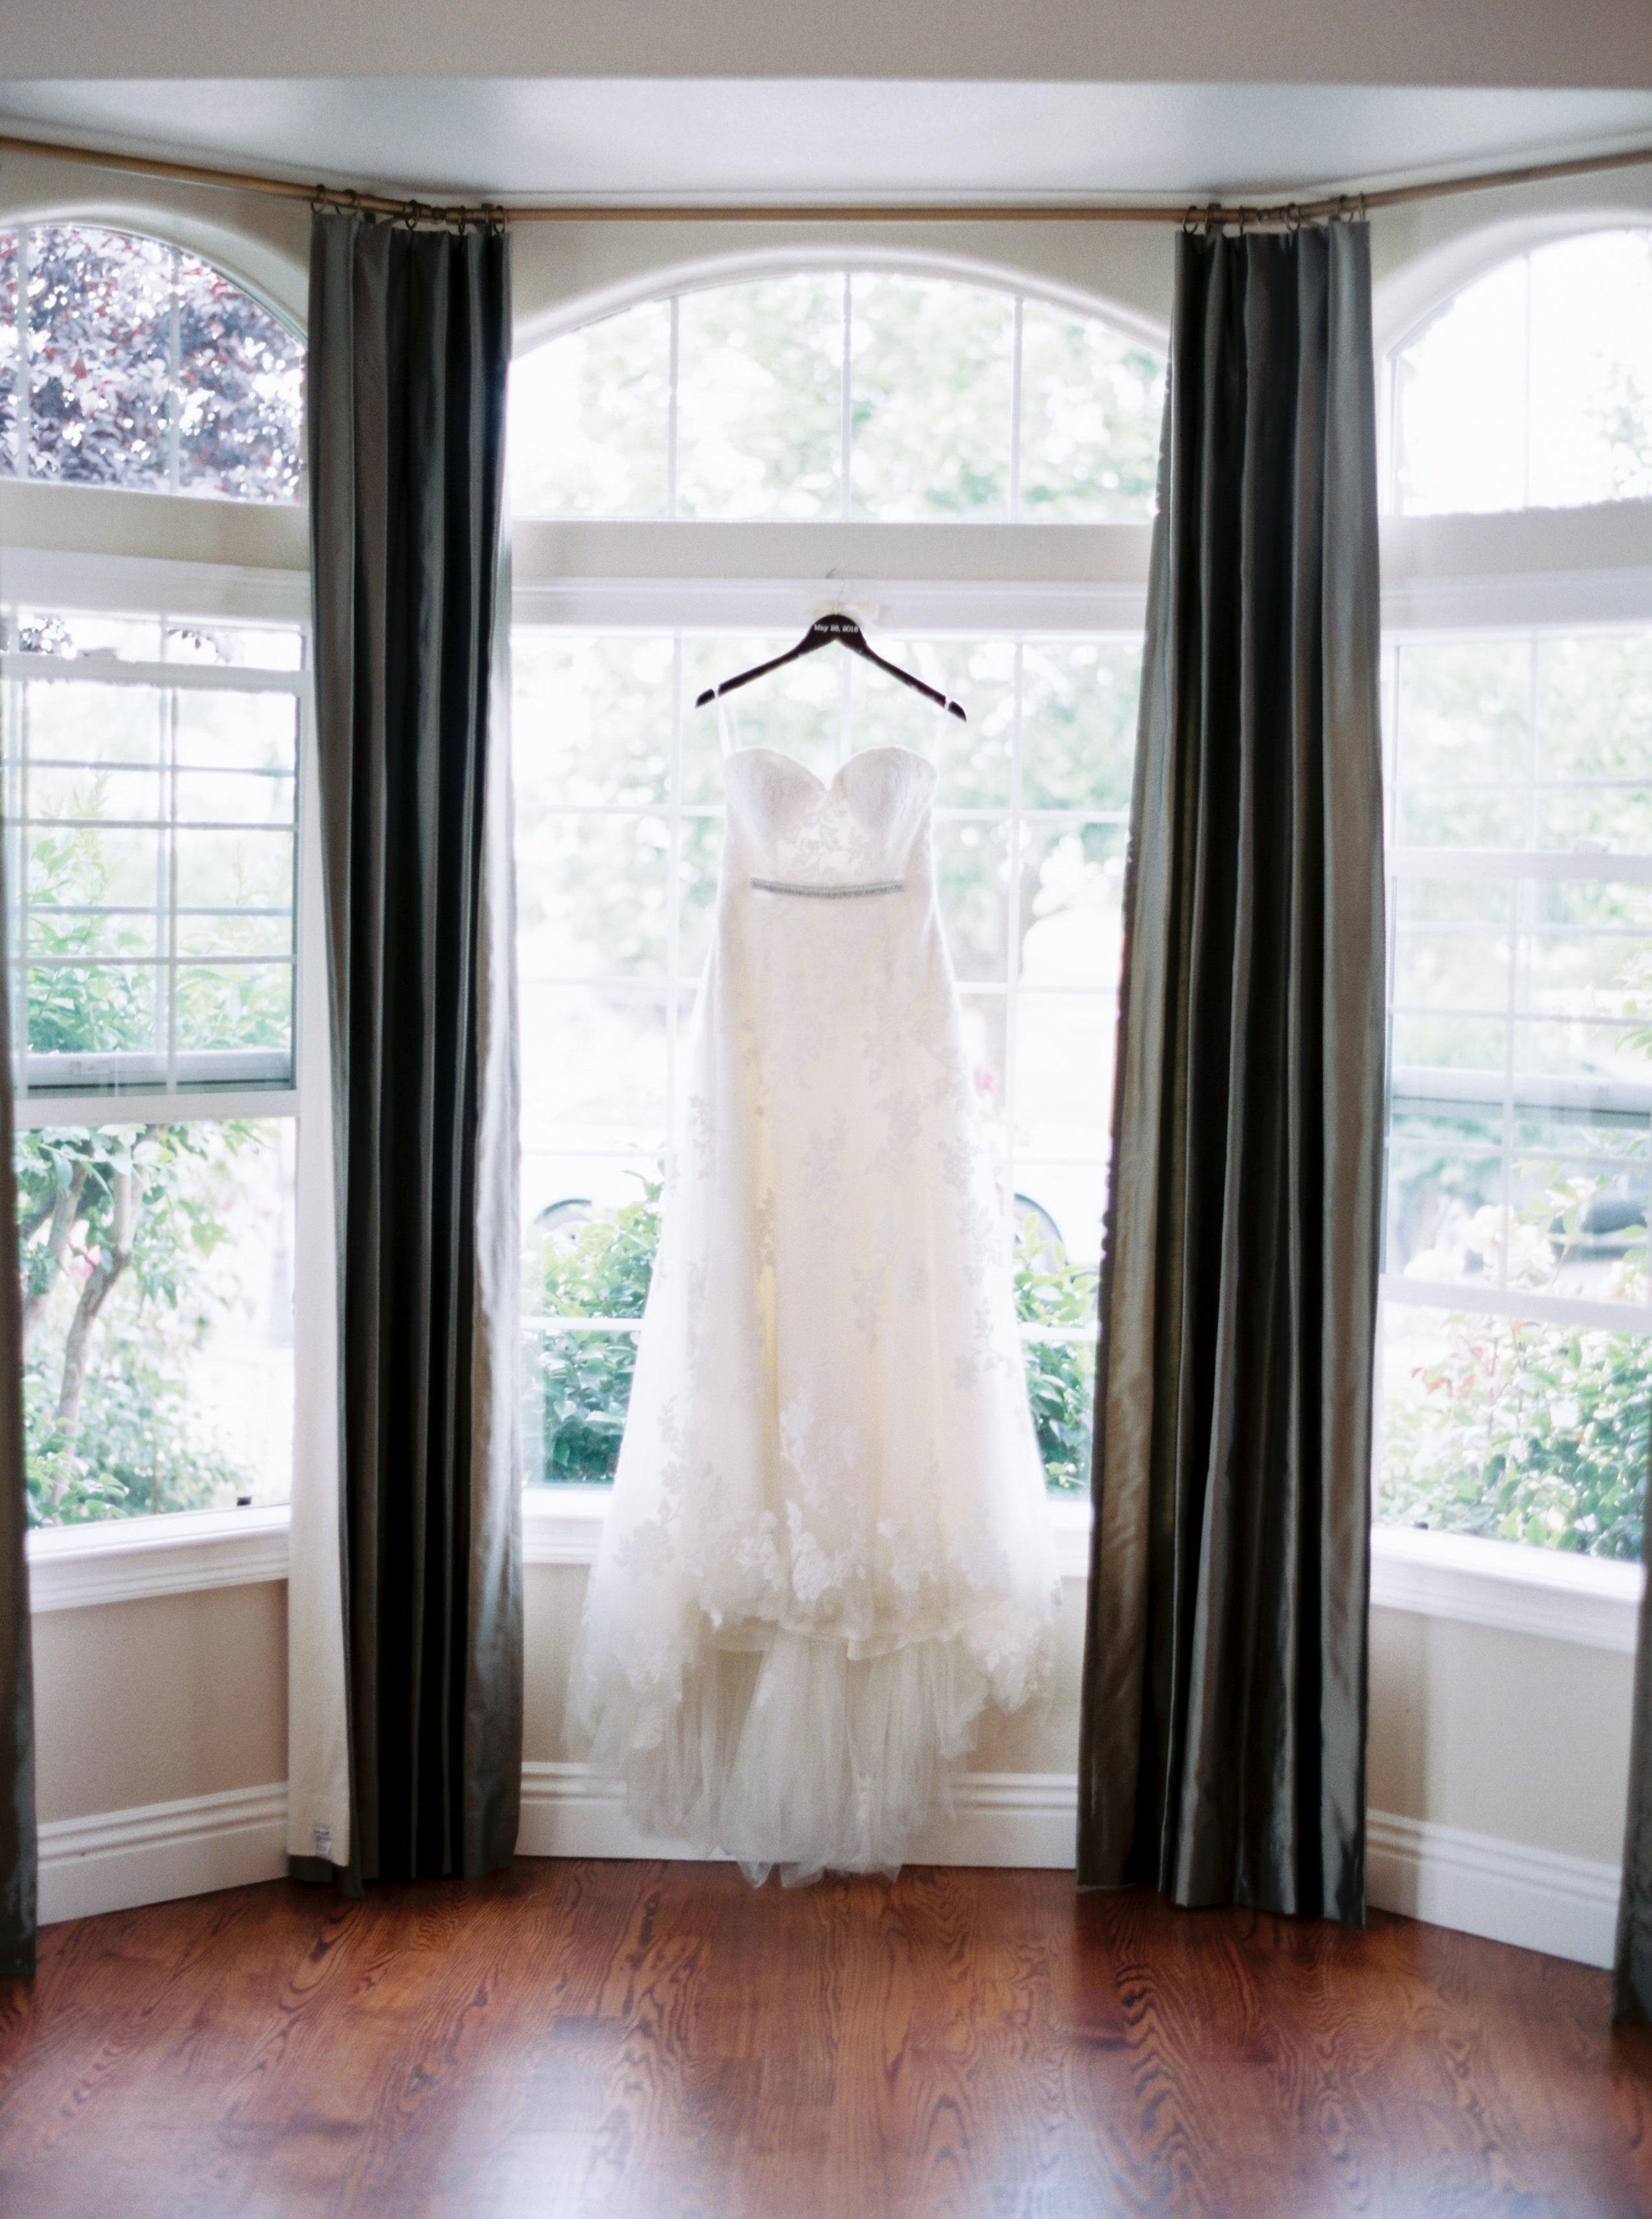 wolfe-heights-event-center-wedding-1-15.jpg